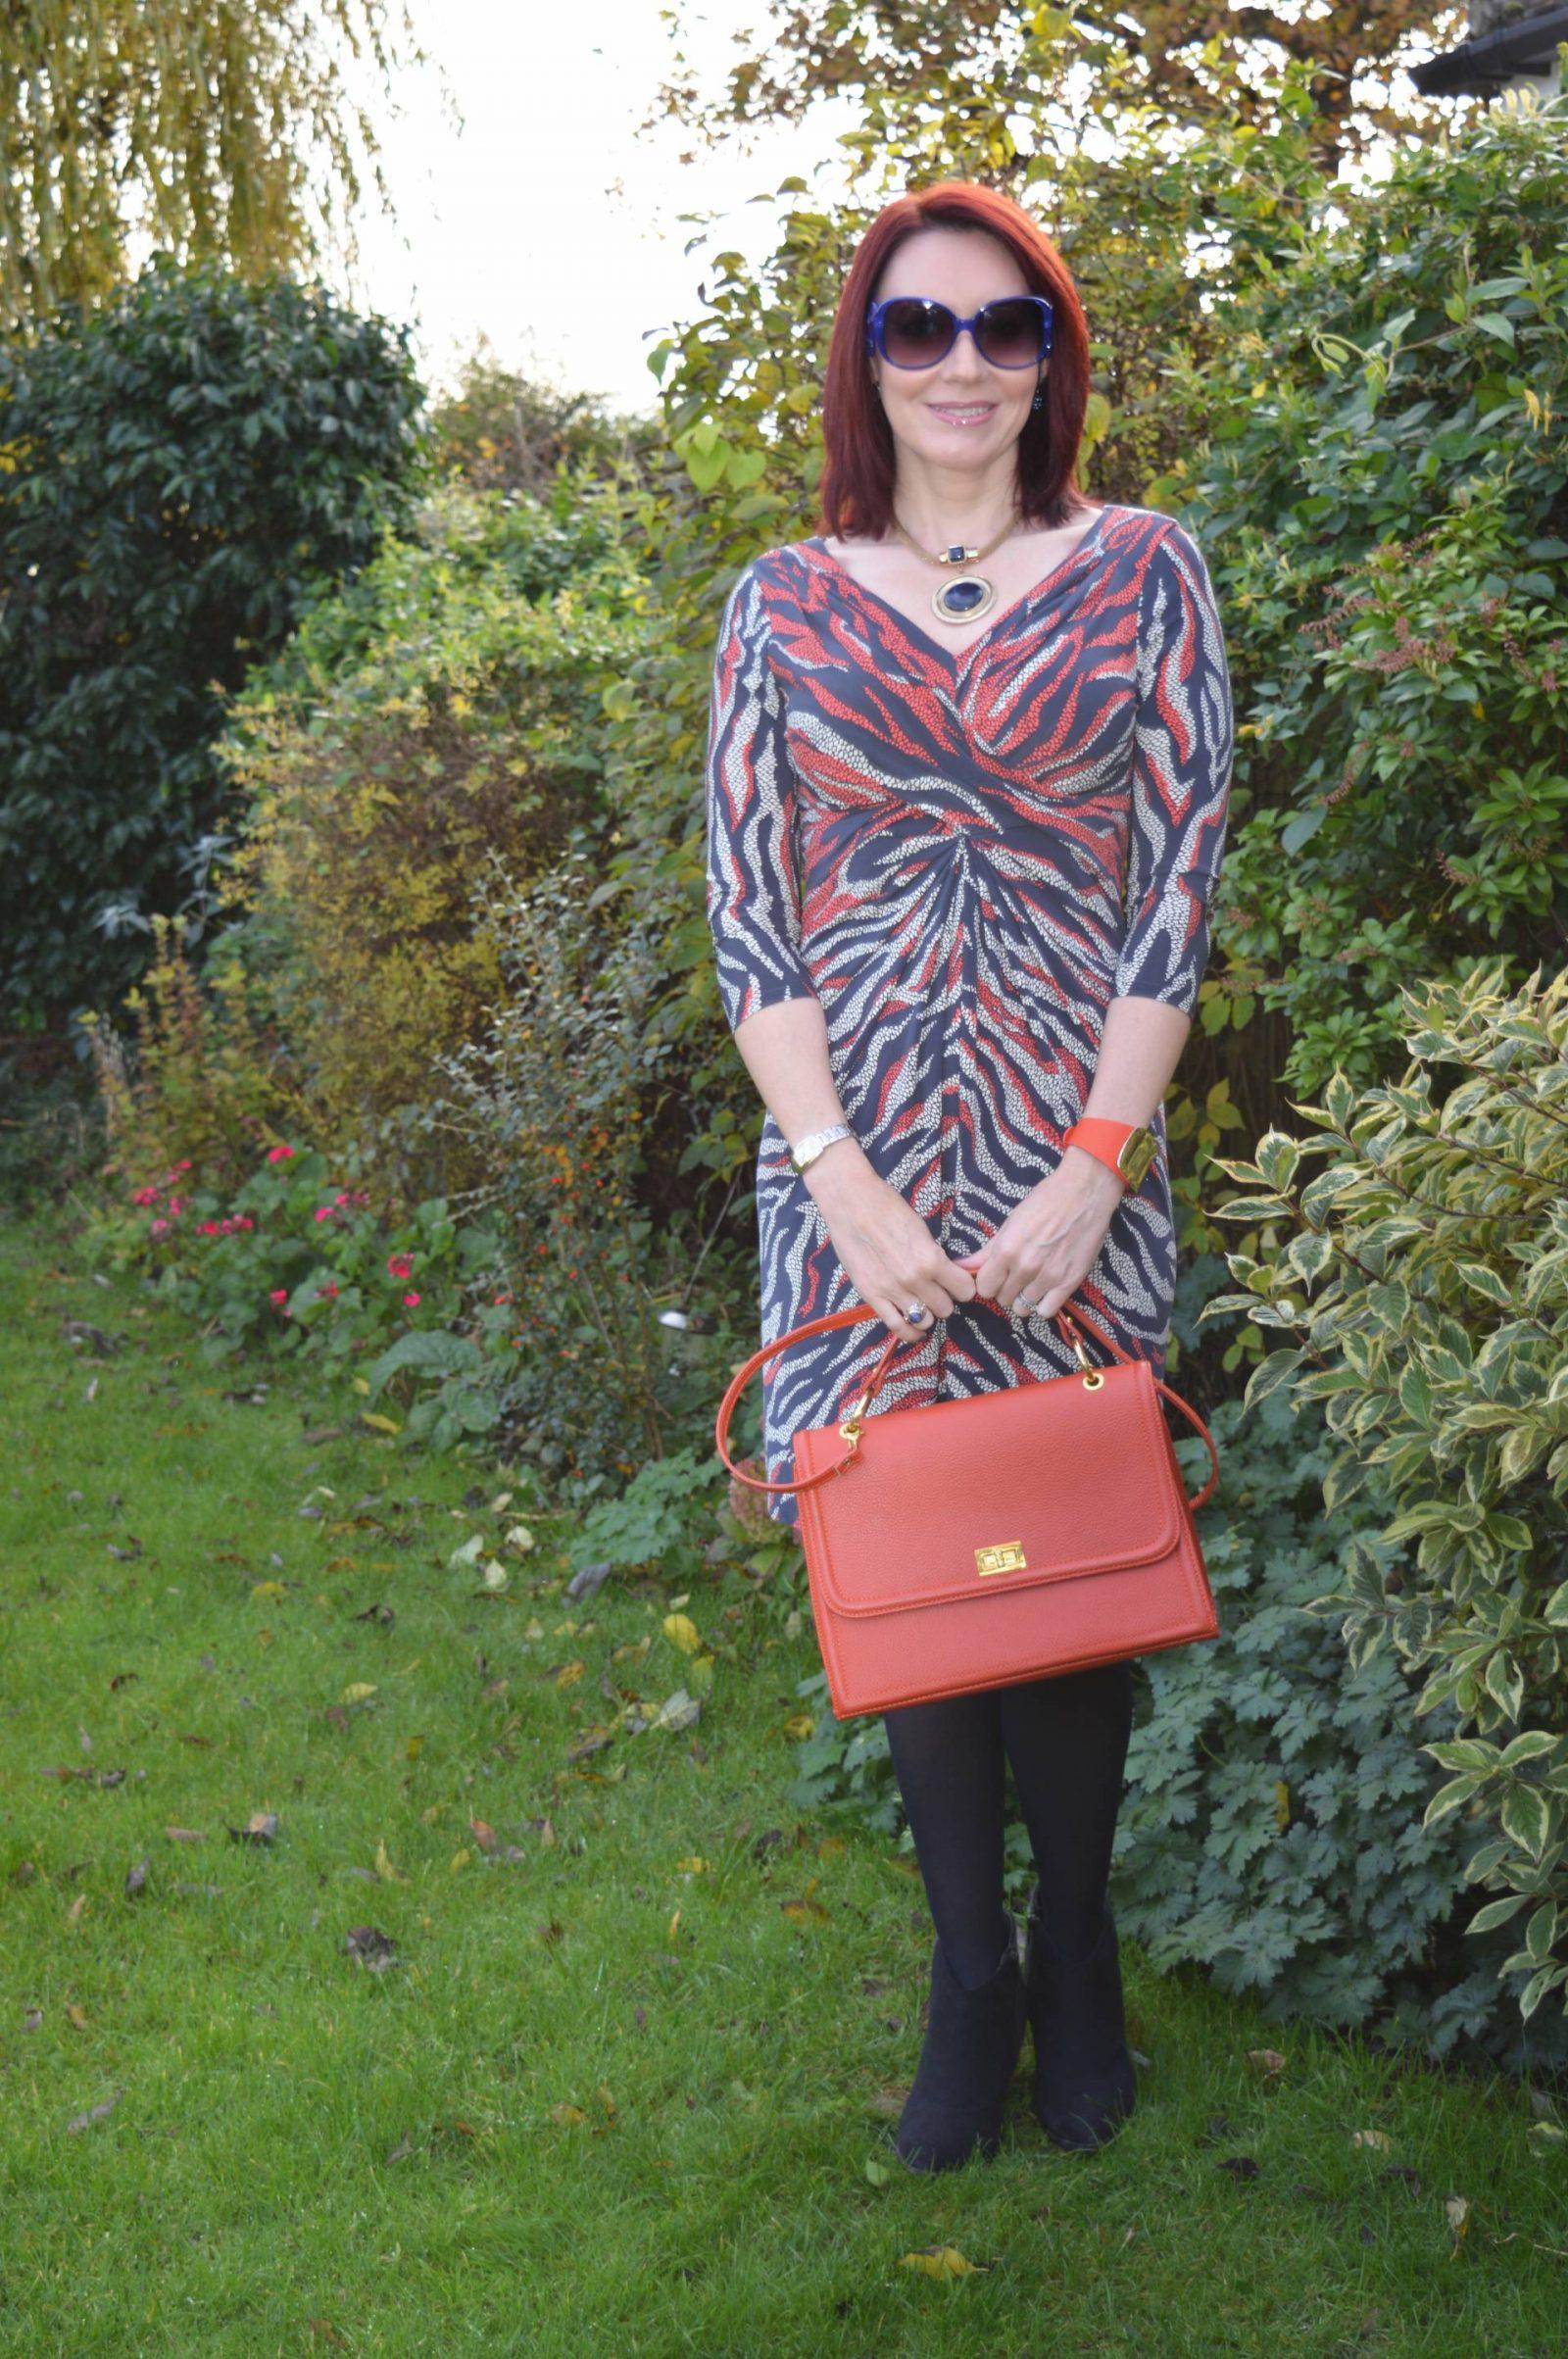 Anne Klein Dress for Less Than a Fiver